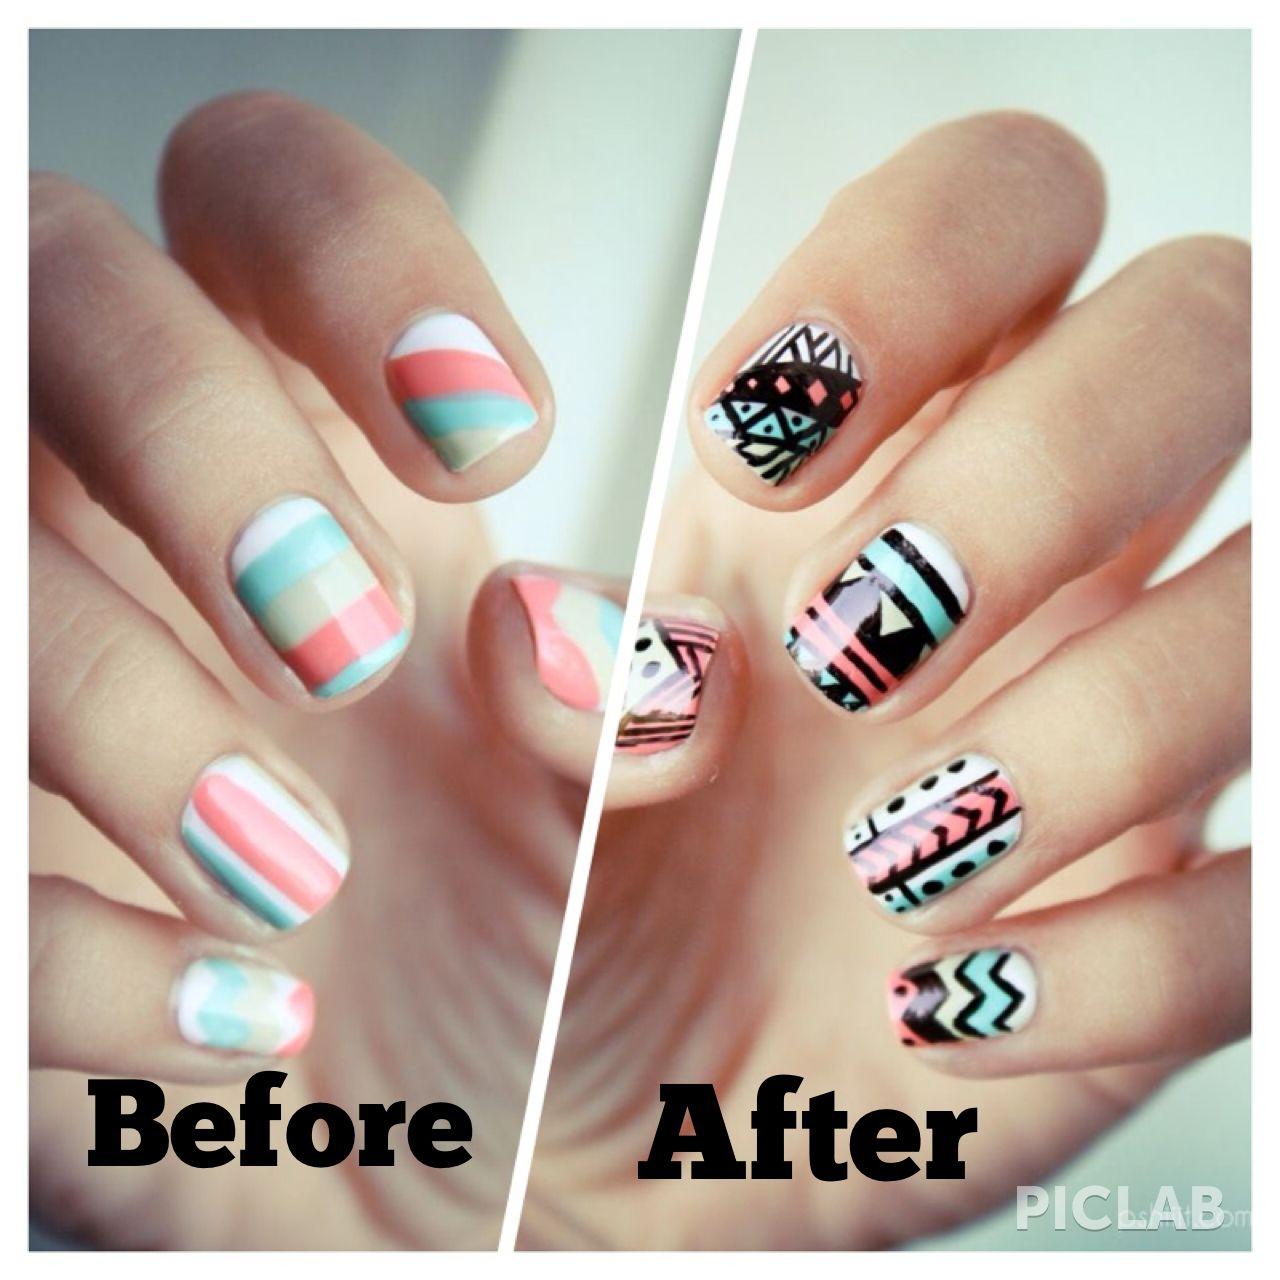 Super easy nails using a sharpie nails pinterest mani pedi